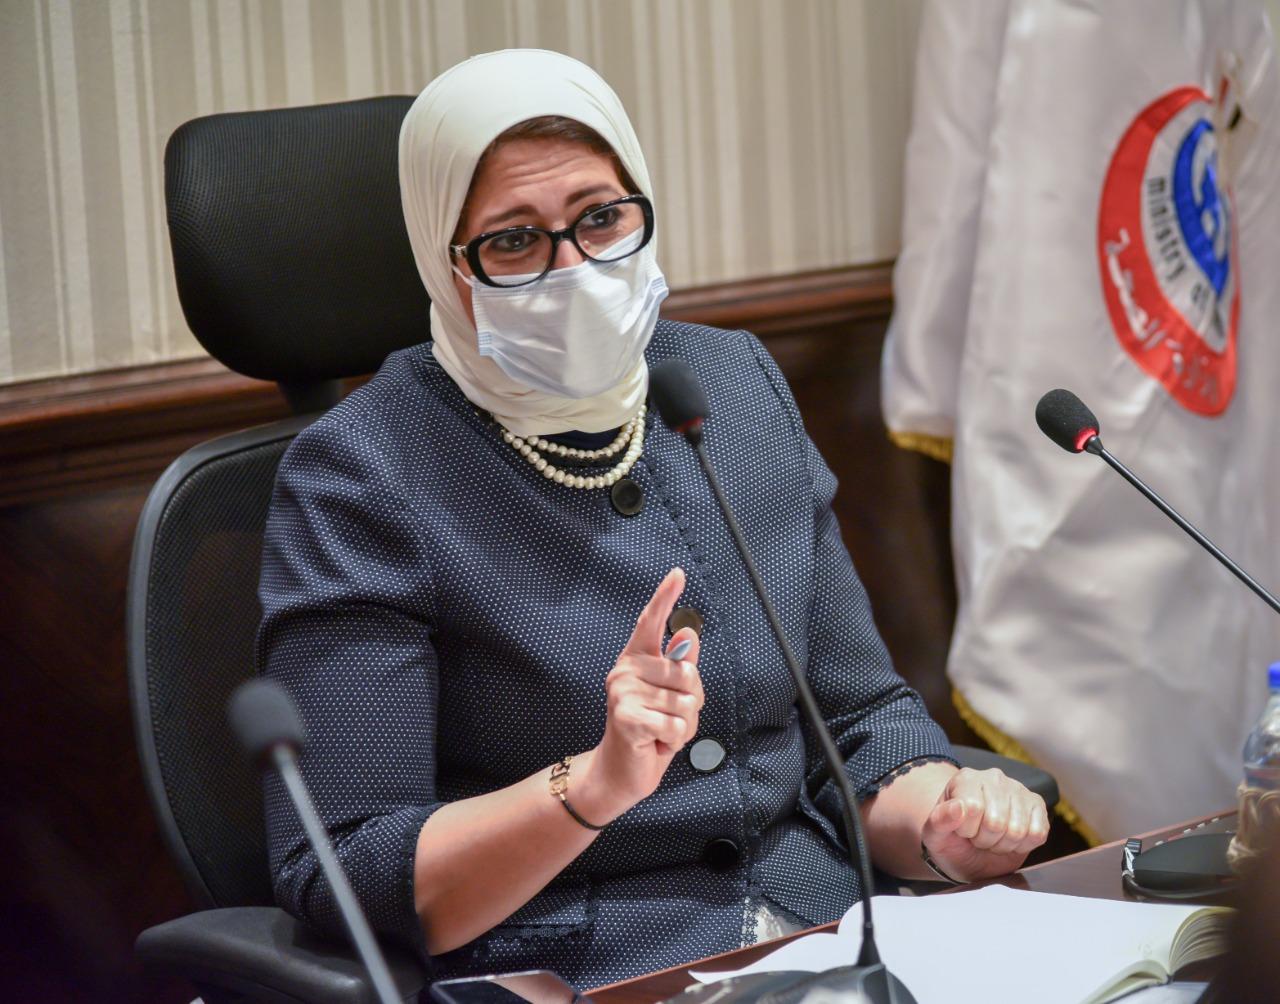 وزيرة الصحة خلال اجتماع عقدته بممثلين عن شركات الأدوية (2)